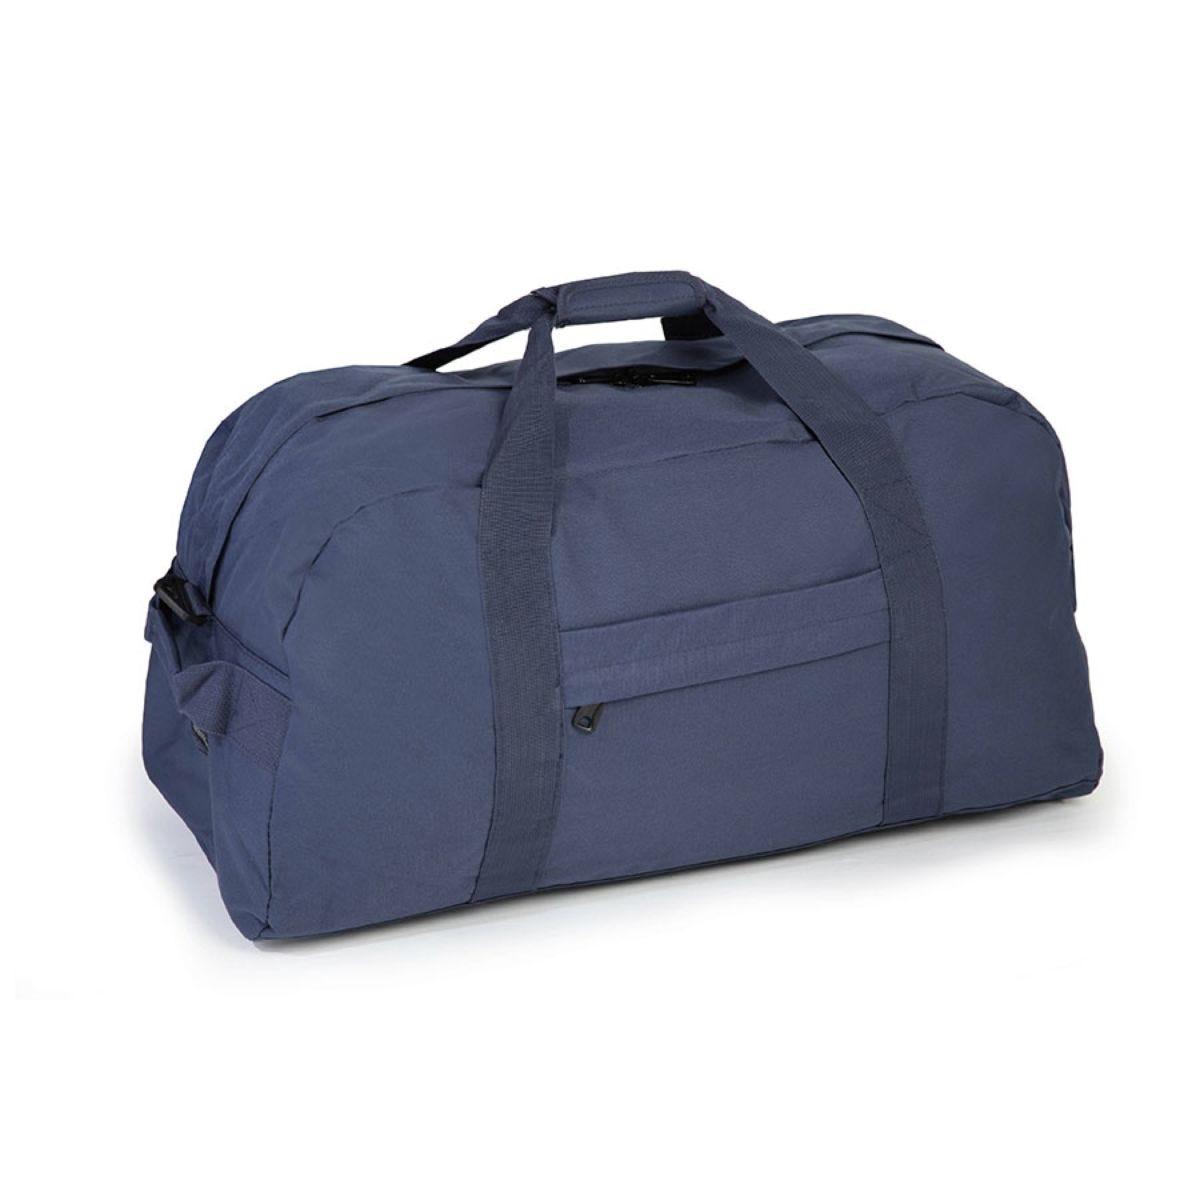 Members Medium 65cm Holdall / Duffle Bag - Navy